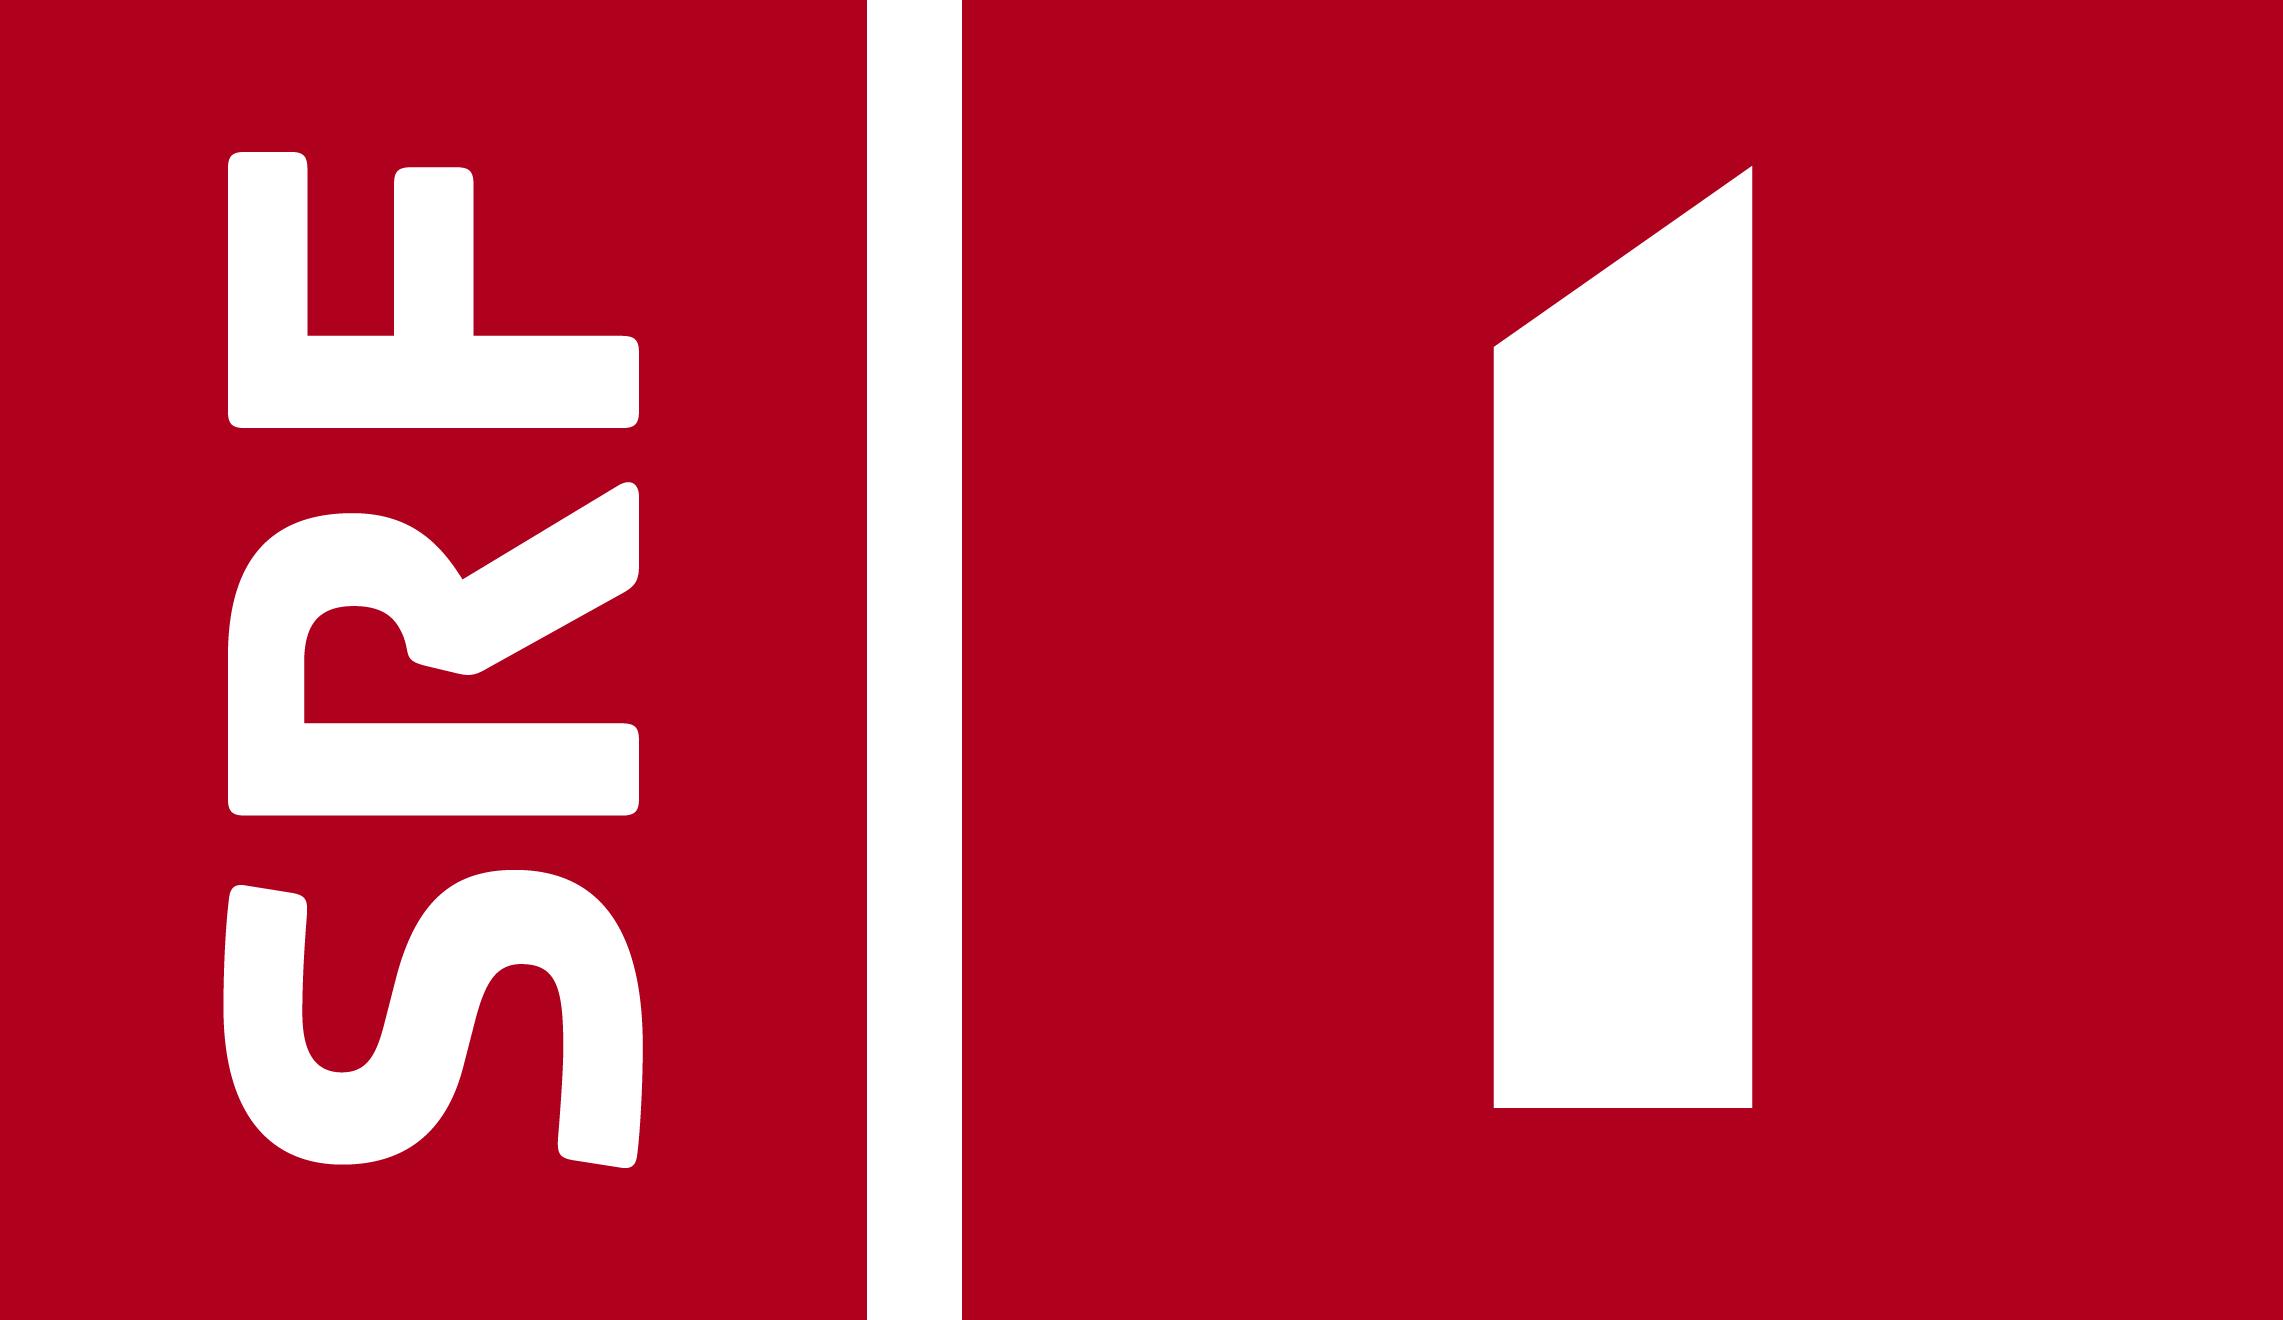 10vor10